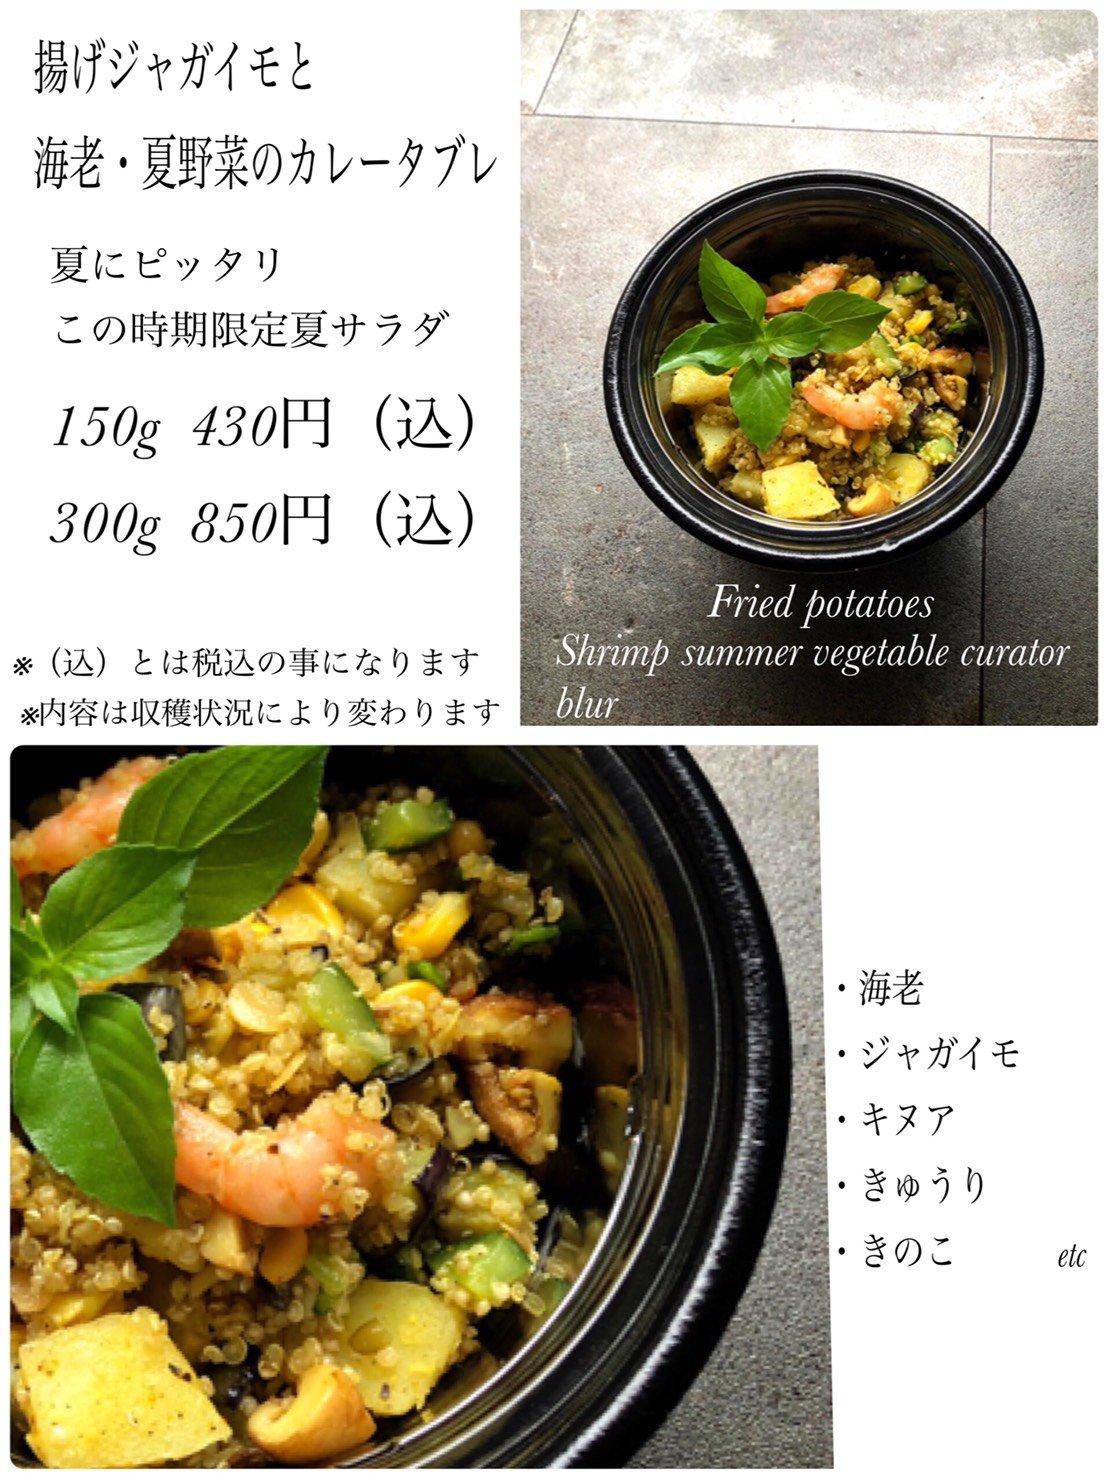 揚げジャガイモと海老・野菜のカレータブレ/300g/quinoa salad/ノーポーク/ノーアルコール/岐阜サラダ/デリバリー/テイクアウトのイメージその1